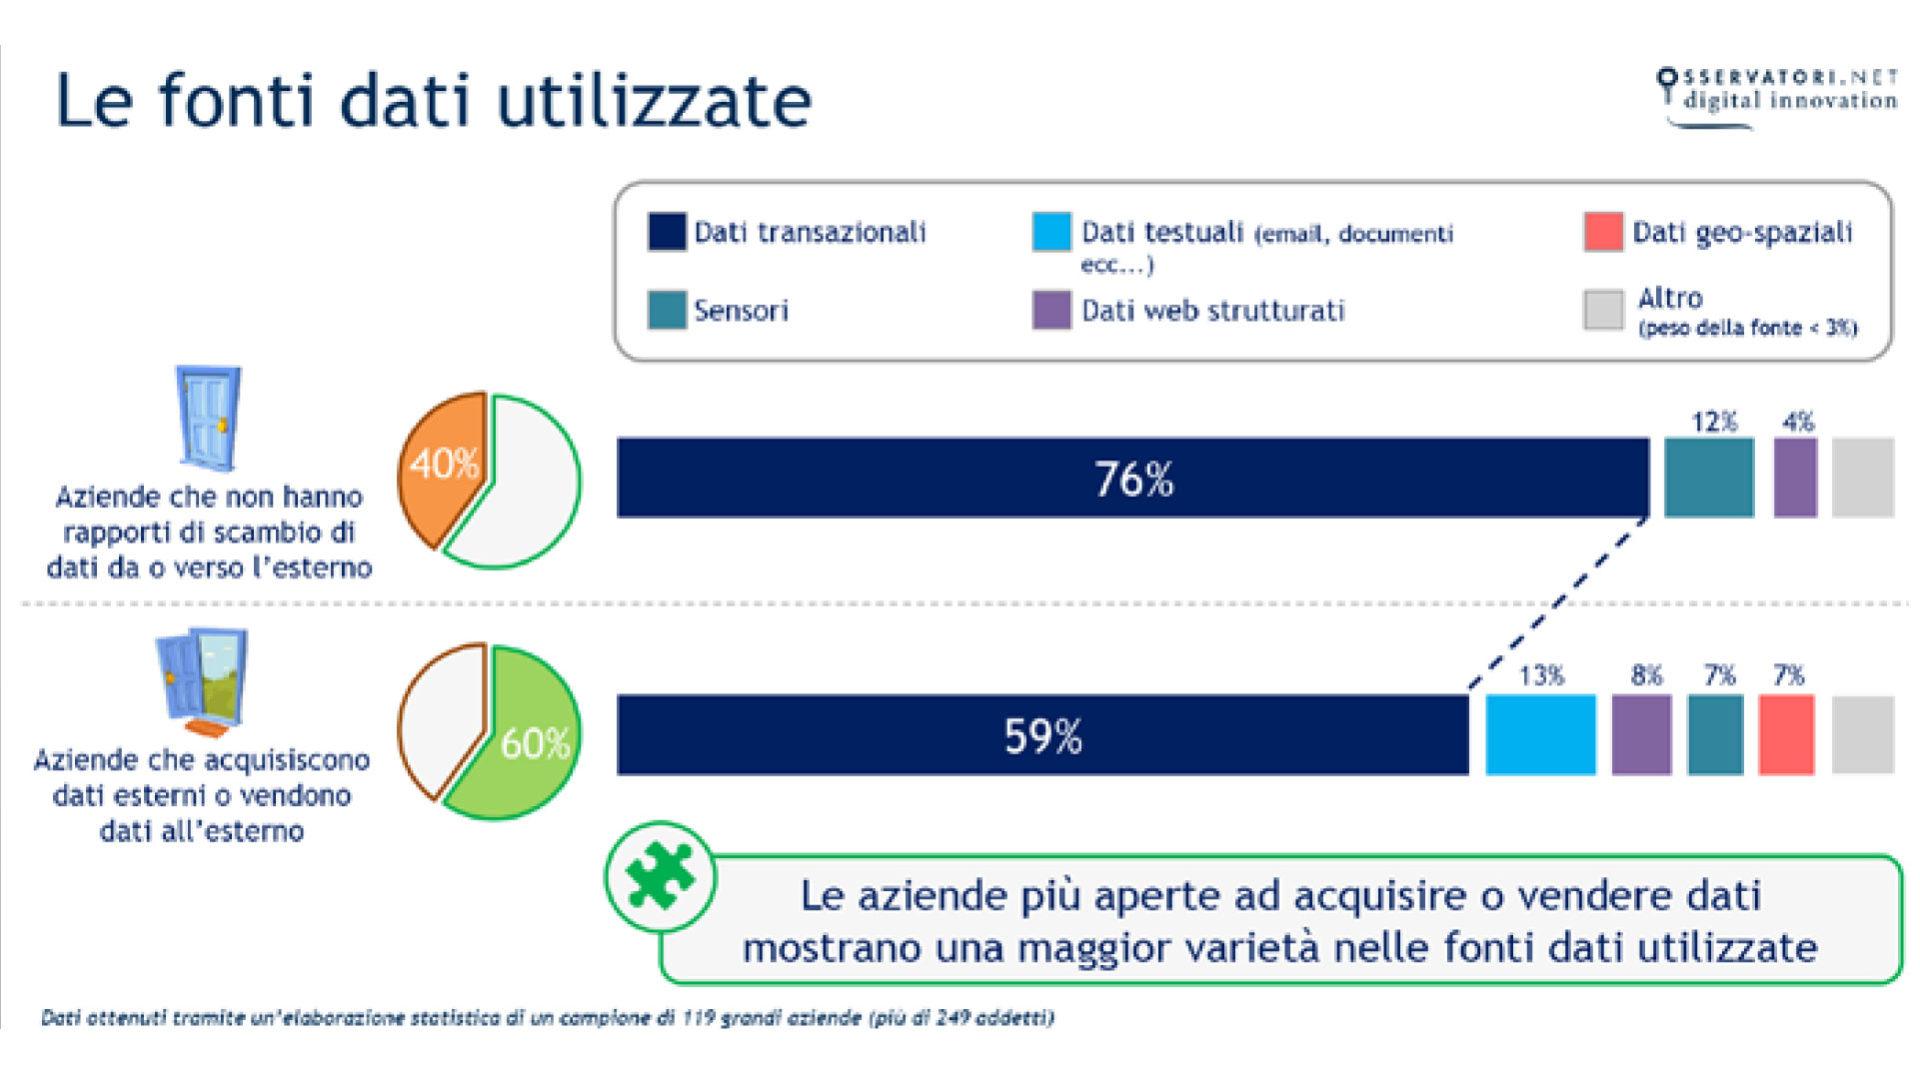 grafico che mostra le Le fonti dati utilizzate